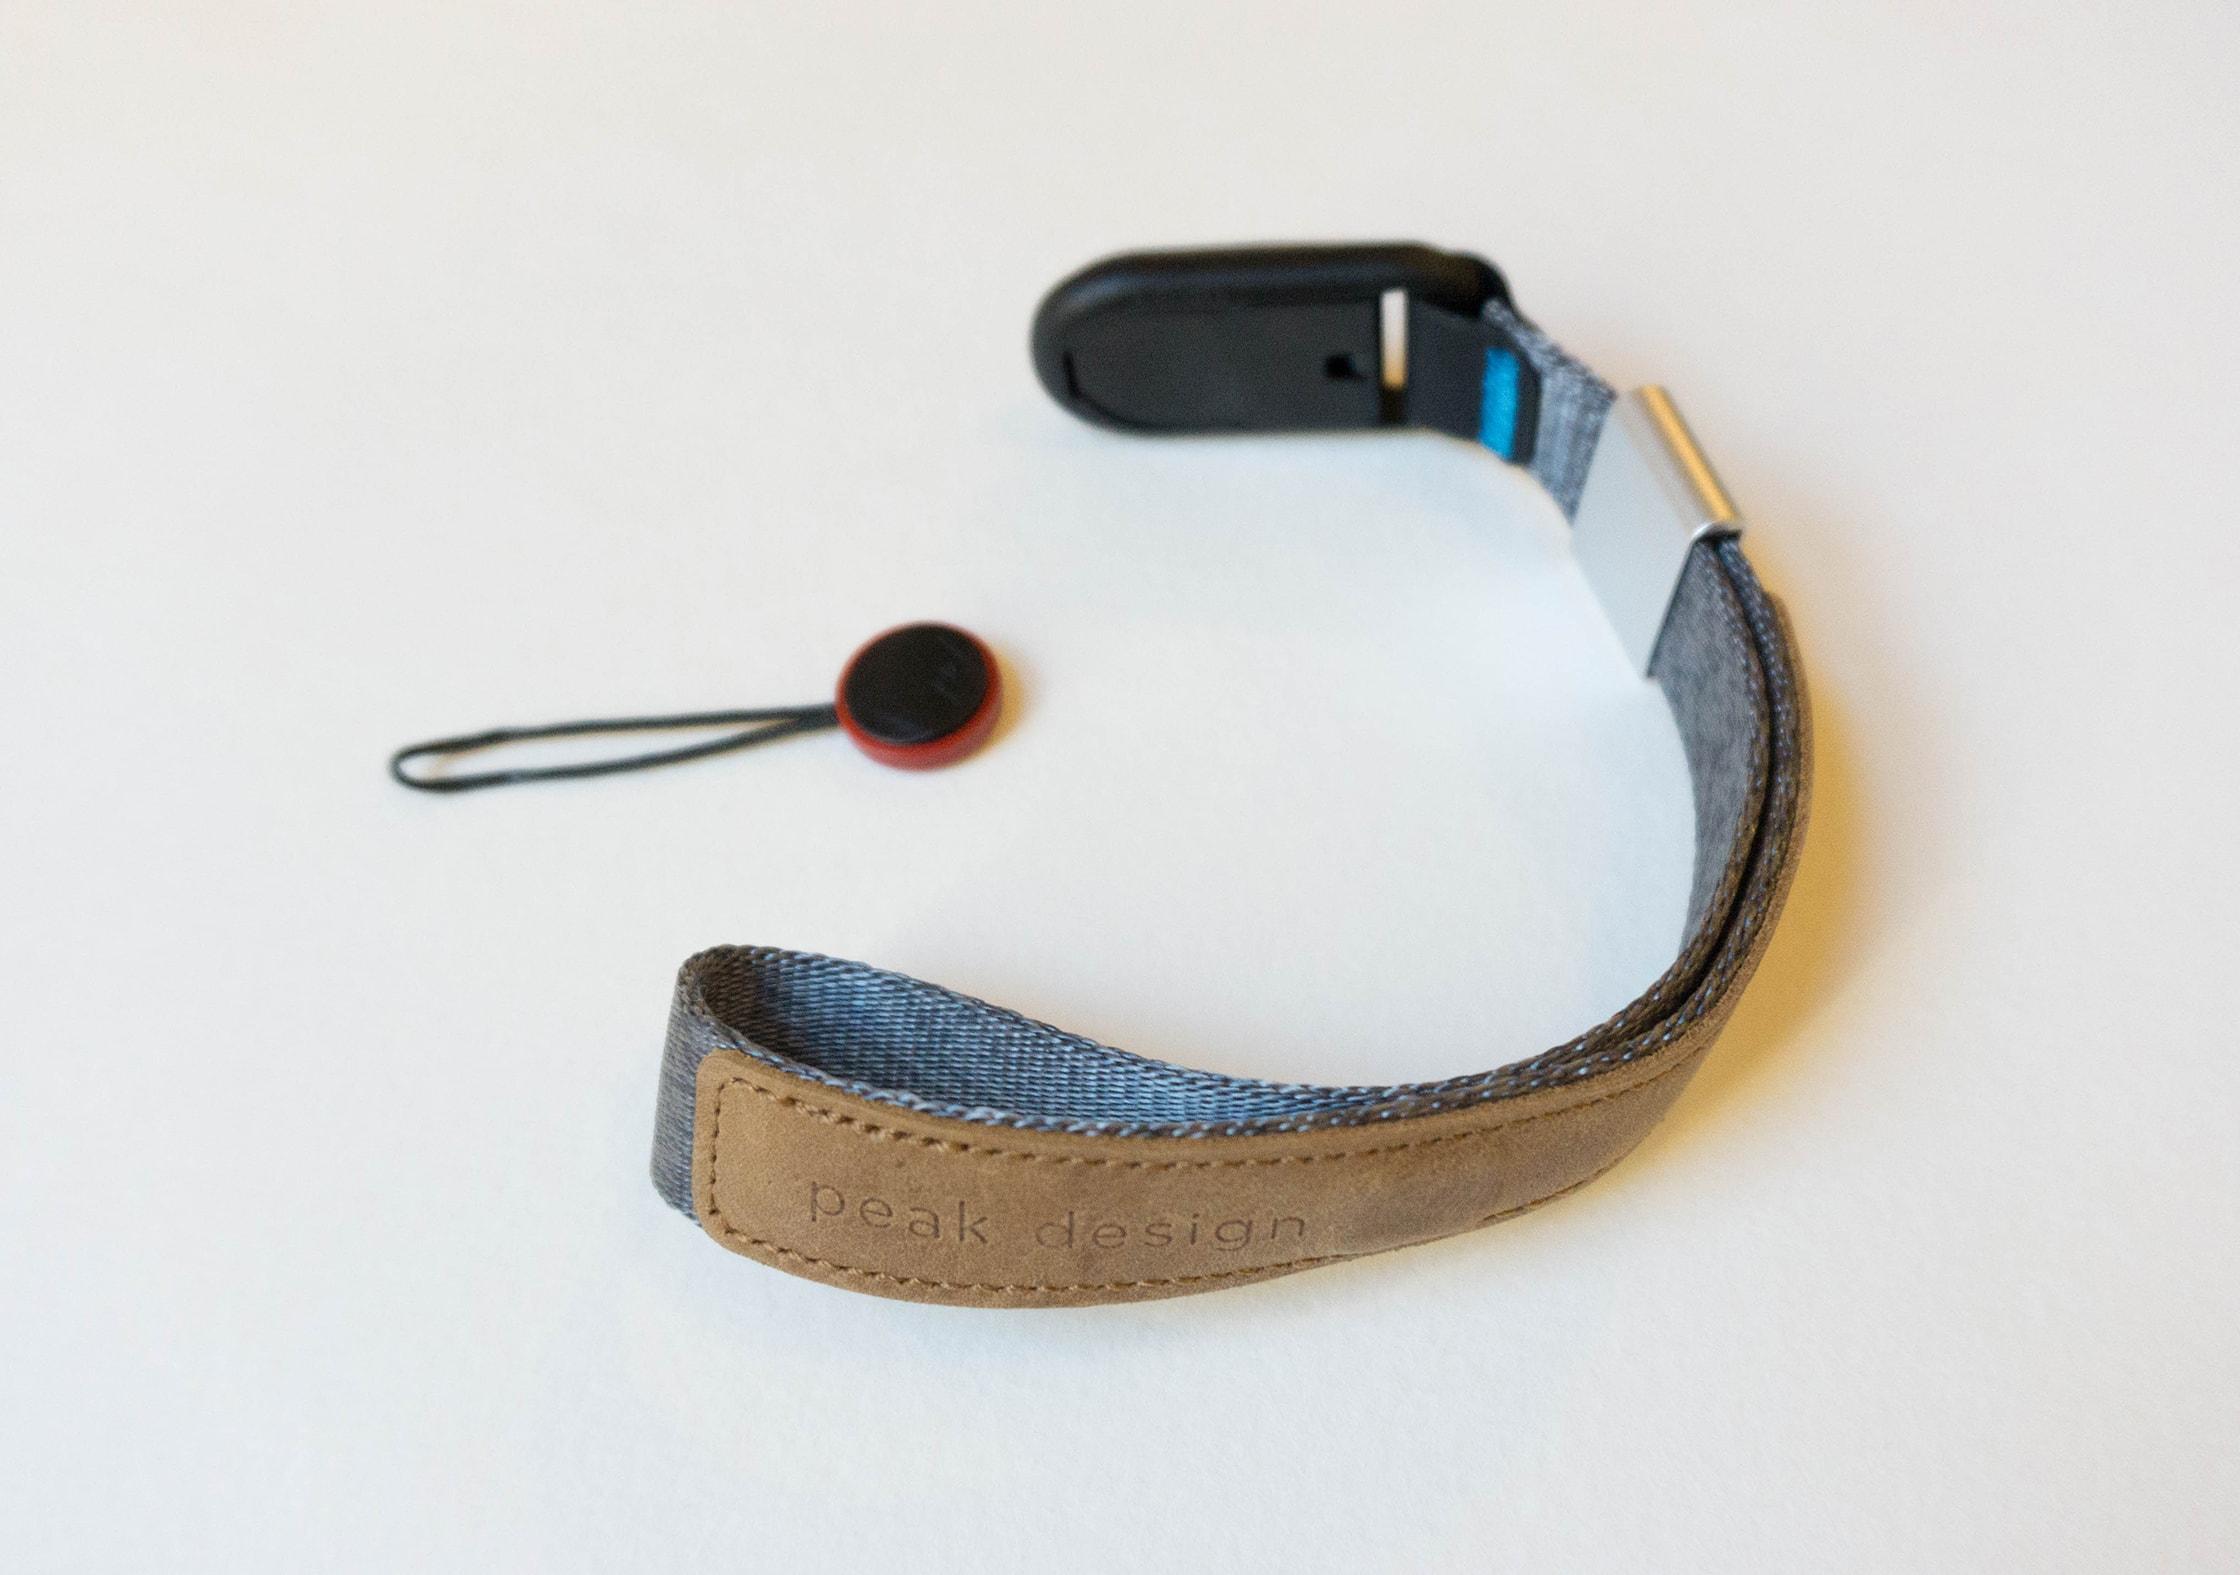 Peak Design Cuff and Clip